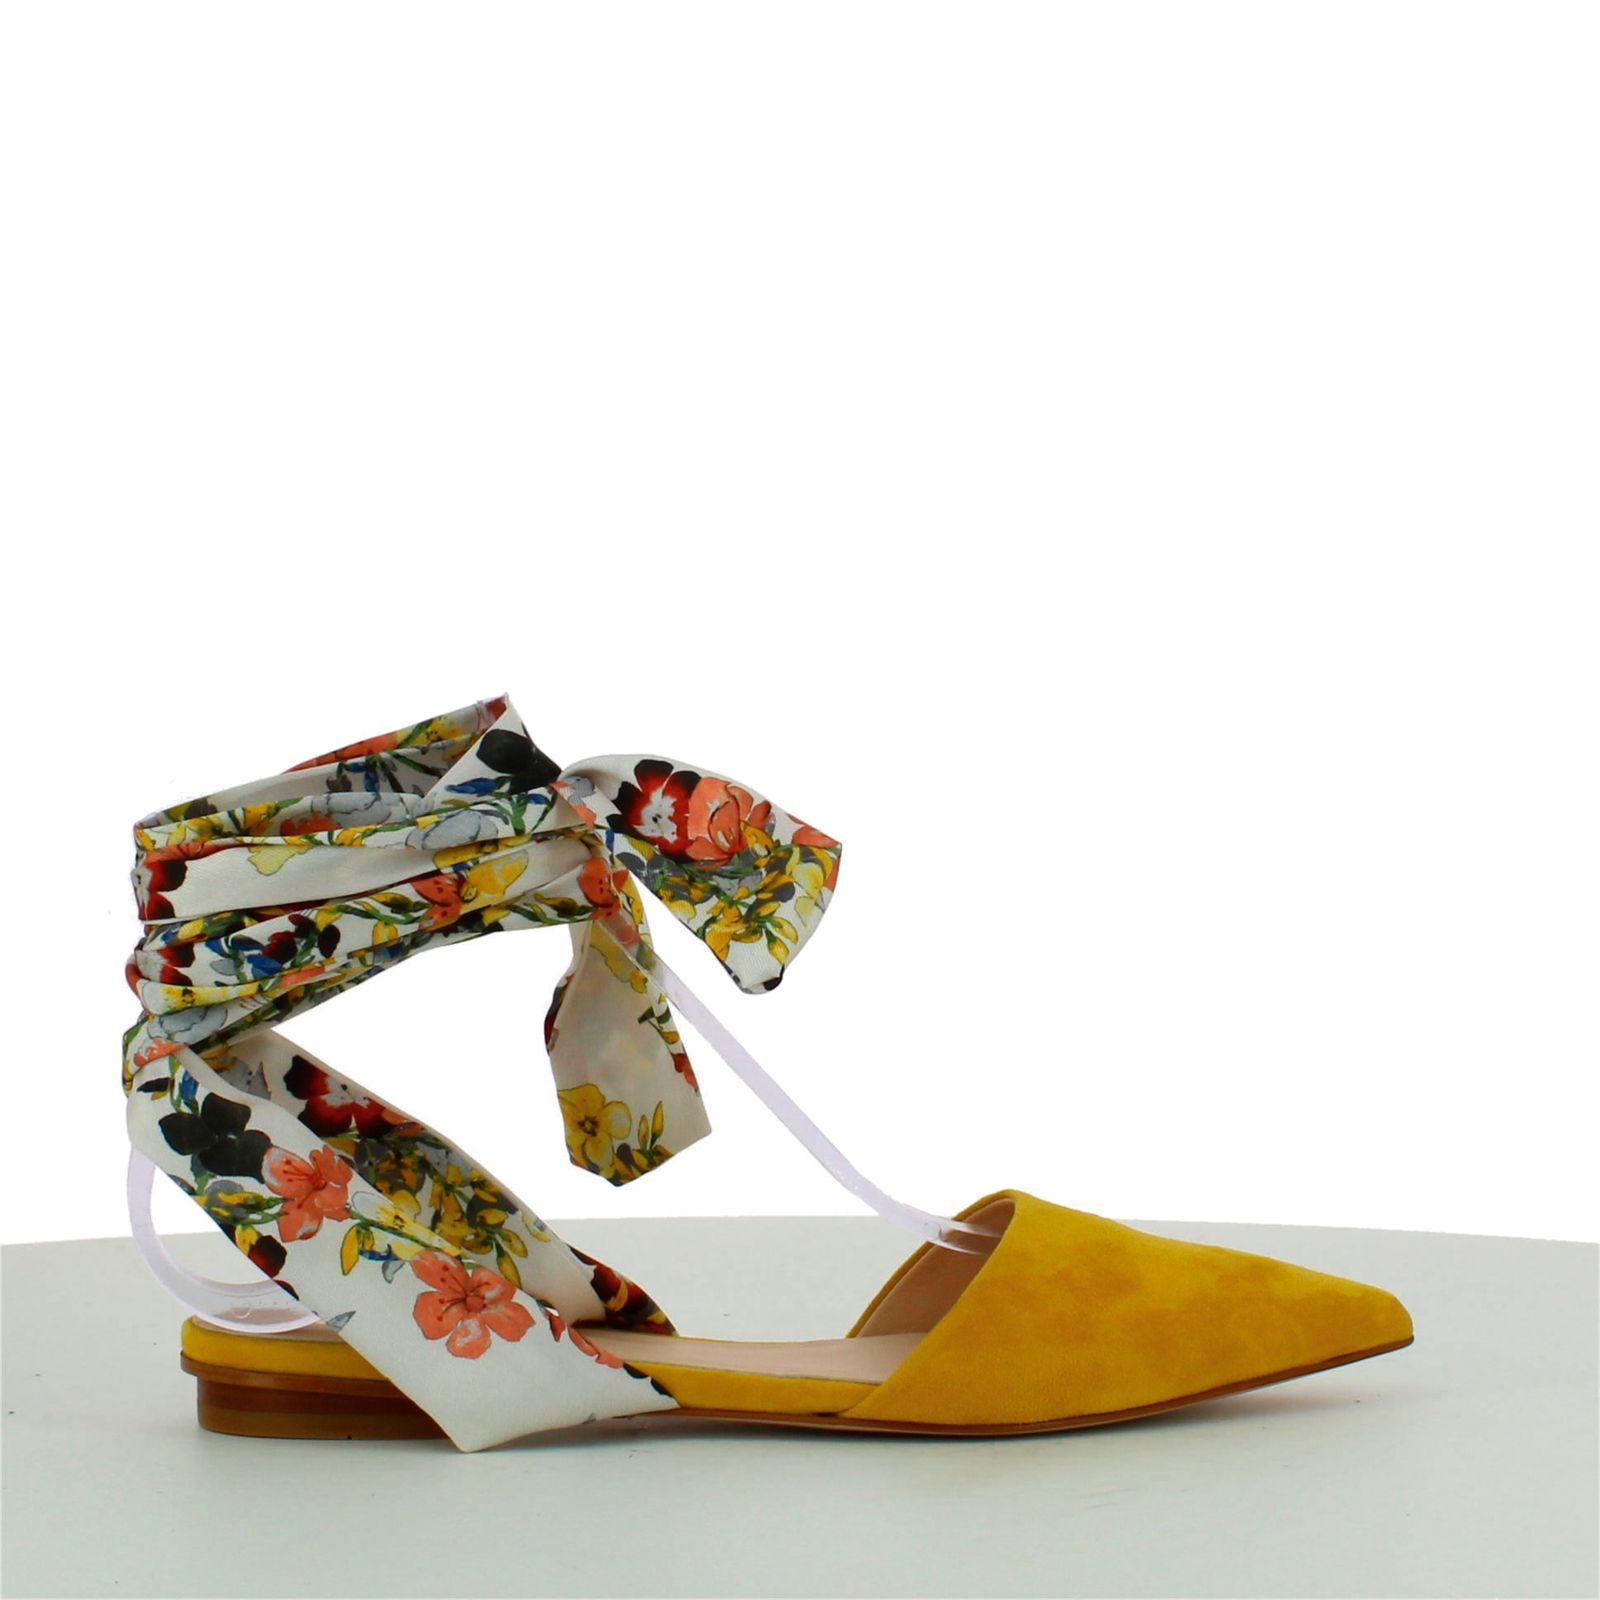 a3a61425da La riscossa delle scarpe basse per l'estate 2019, comode ma cool ...